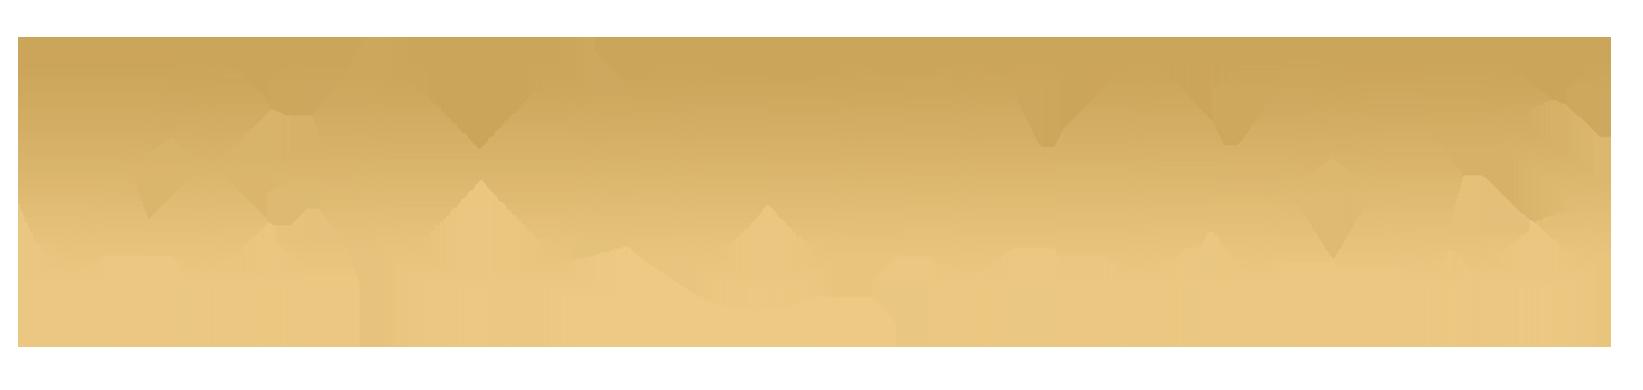 Aequitas Wines